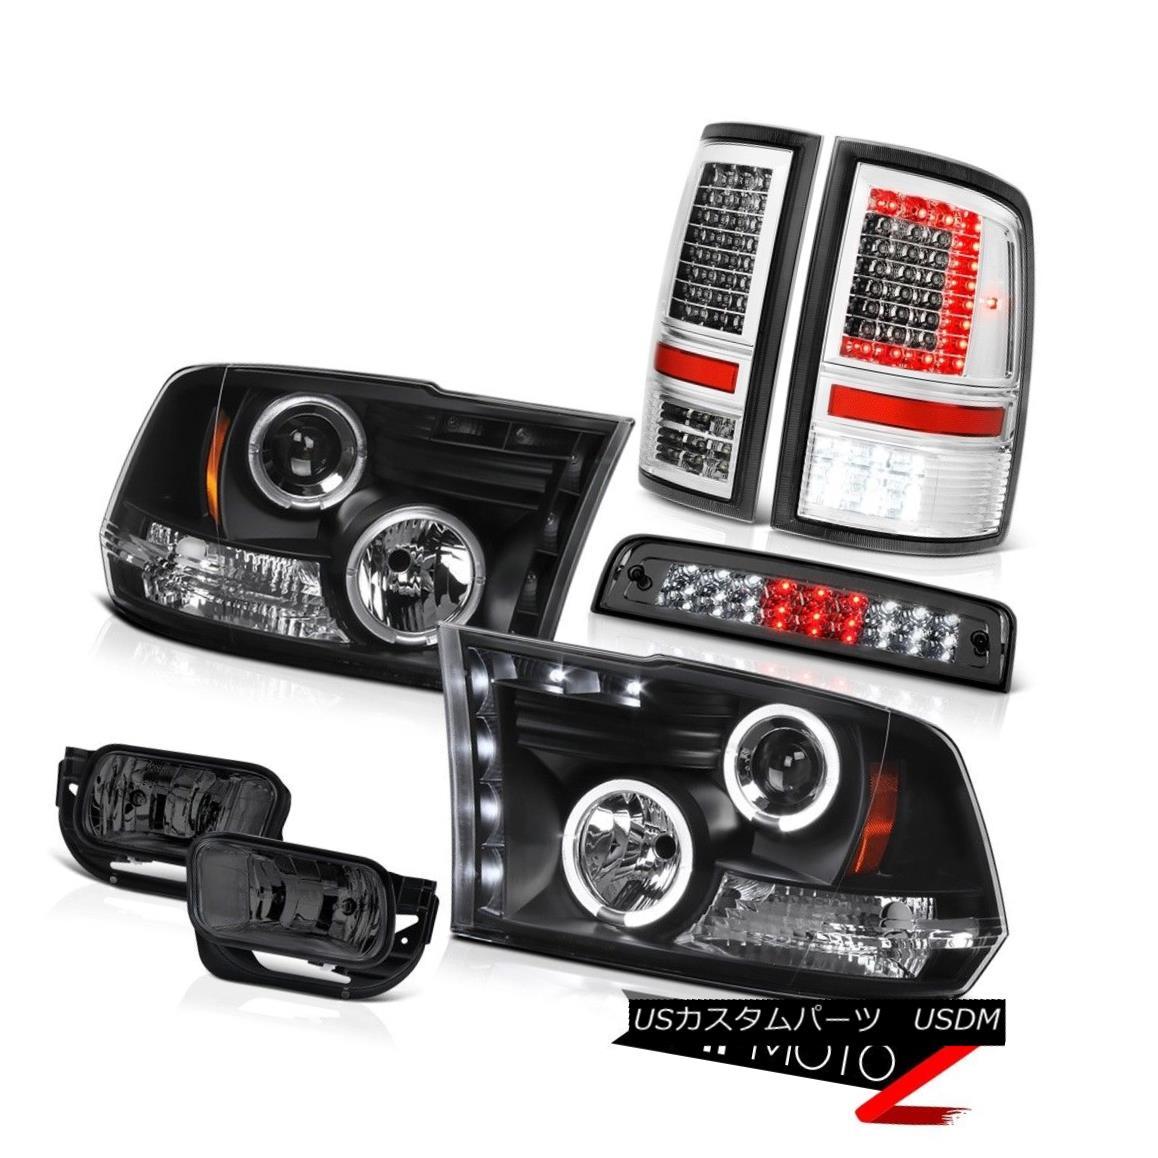 ヘッドライト 09-16 17 18 Dodge RAM 3500 Chrome Led Tail Light Driving Lamp Brake Lights Head 09-16 17 18ドッジRAM 3500クロームテールライトテールライト駆動ランプブレーキライトヘッド